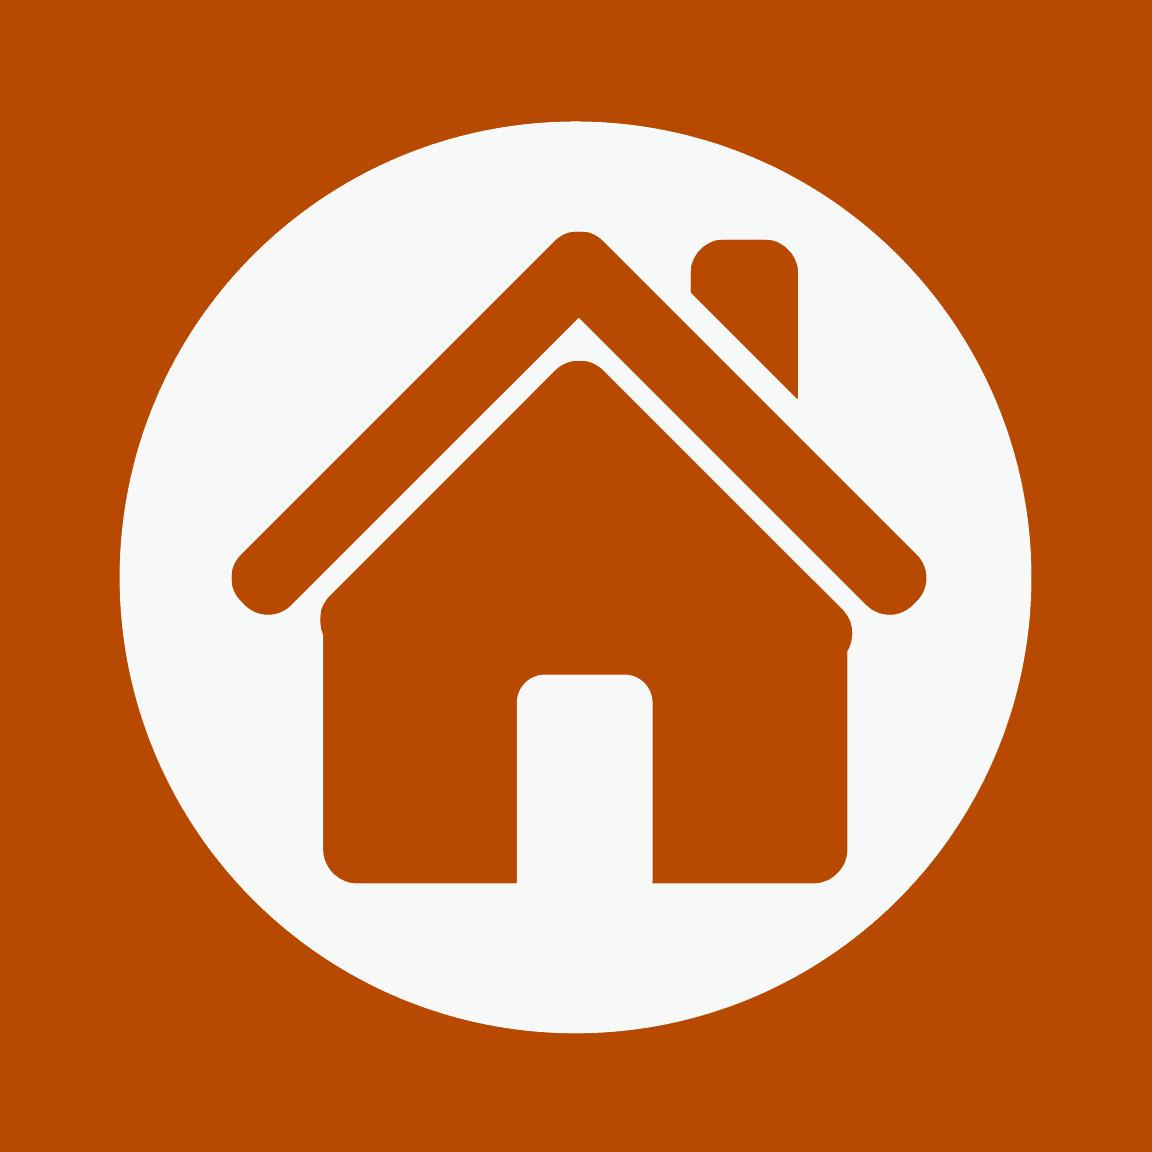 home icon - HD1152×1152